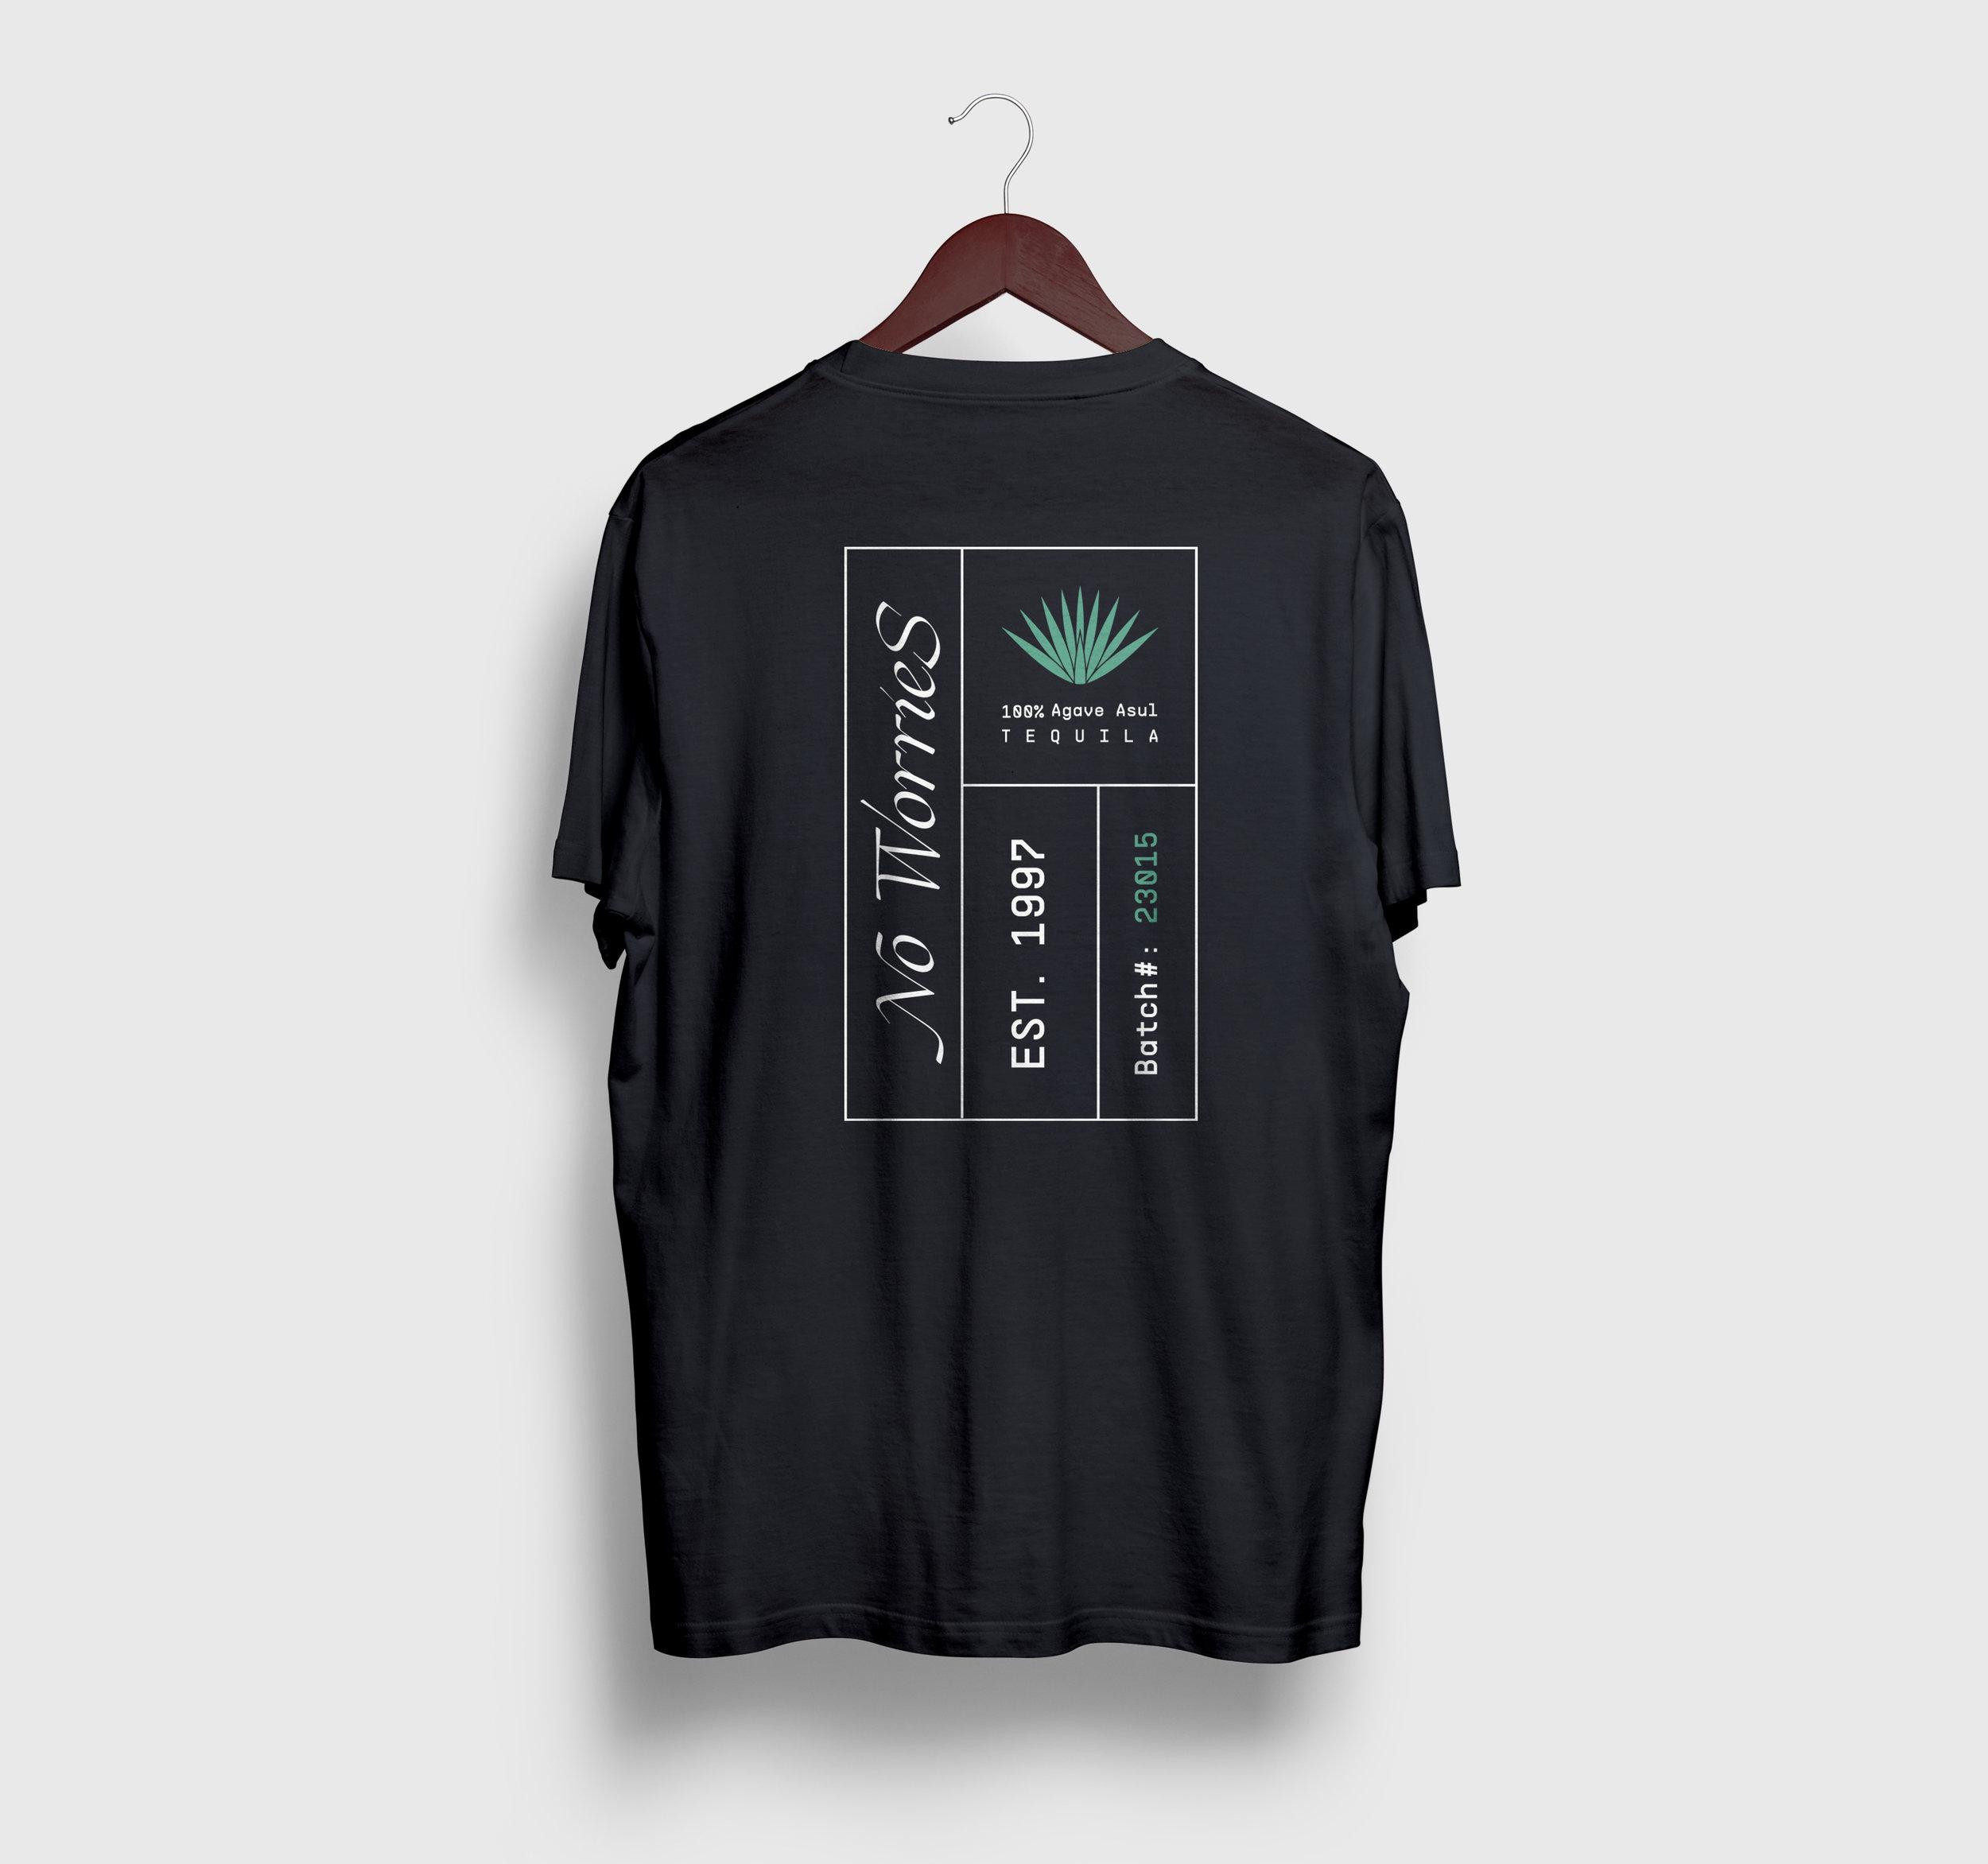 NW_shirt_back.jpg